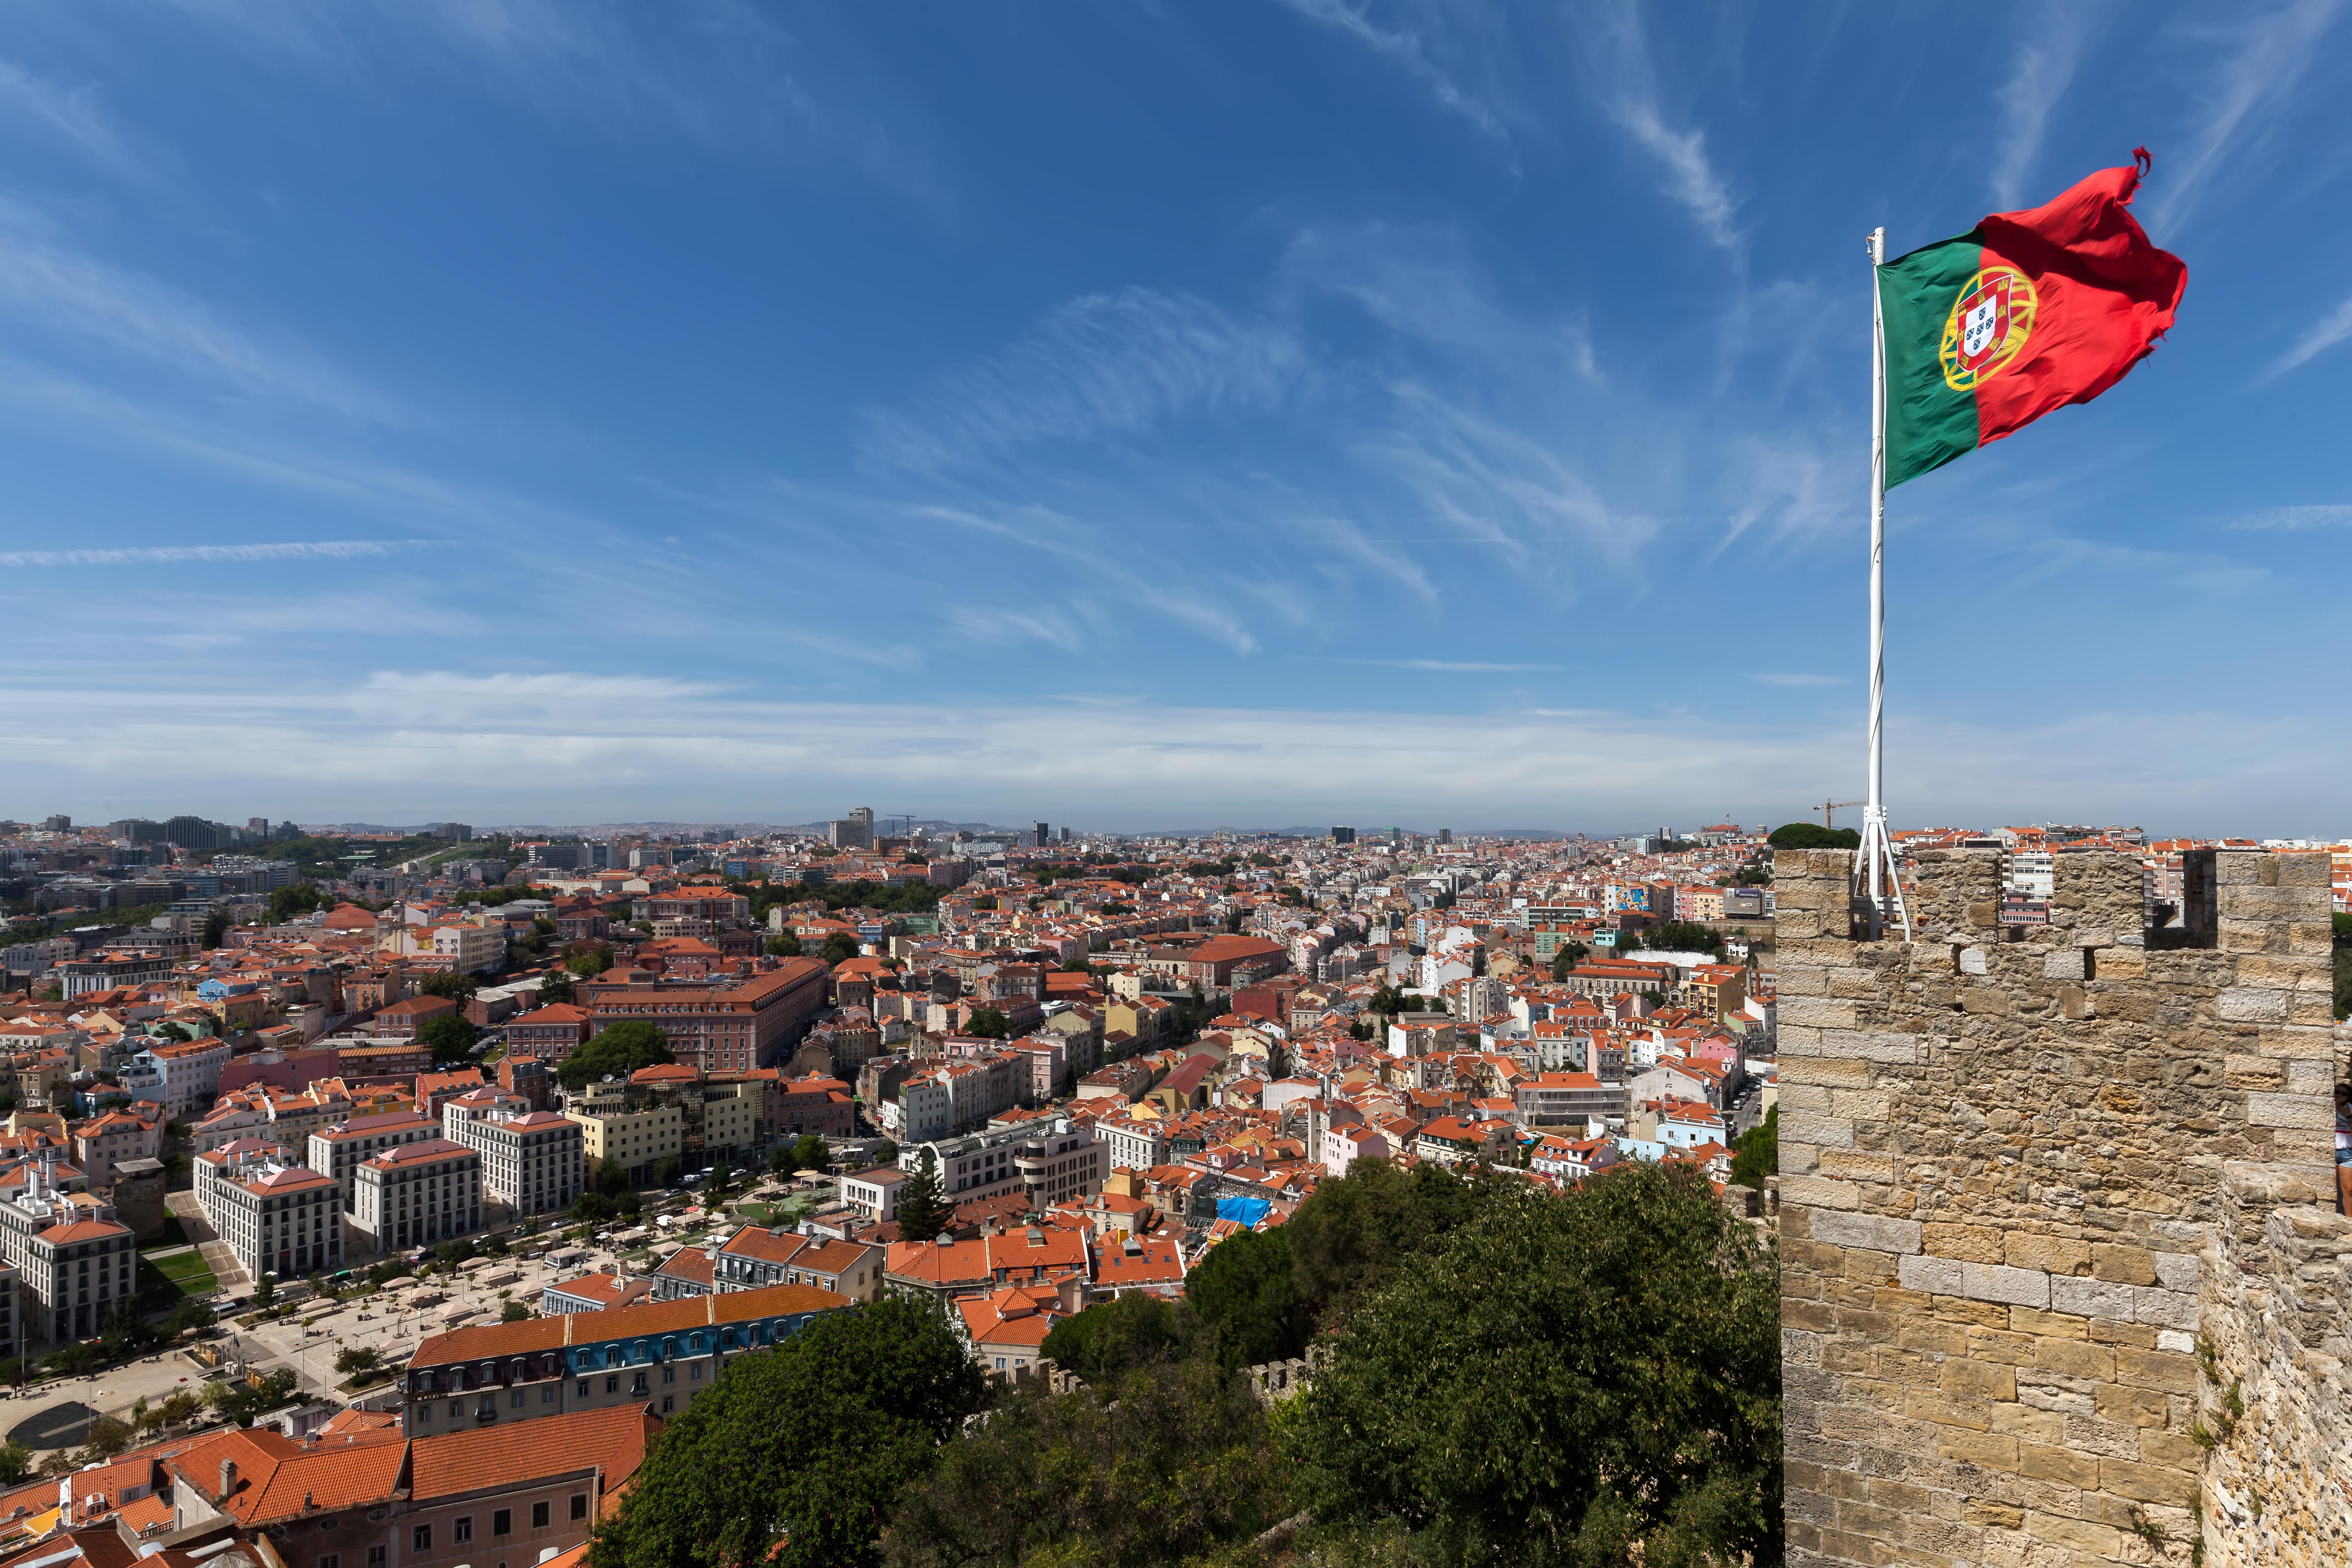 Флаг над Лиссабоном, столицей Португалии, ВНЖ которой могут получить иностранцы